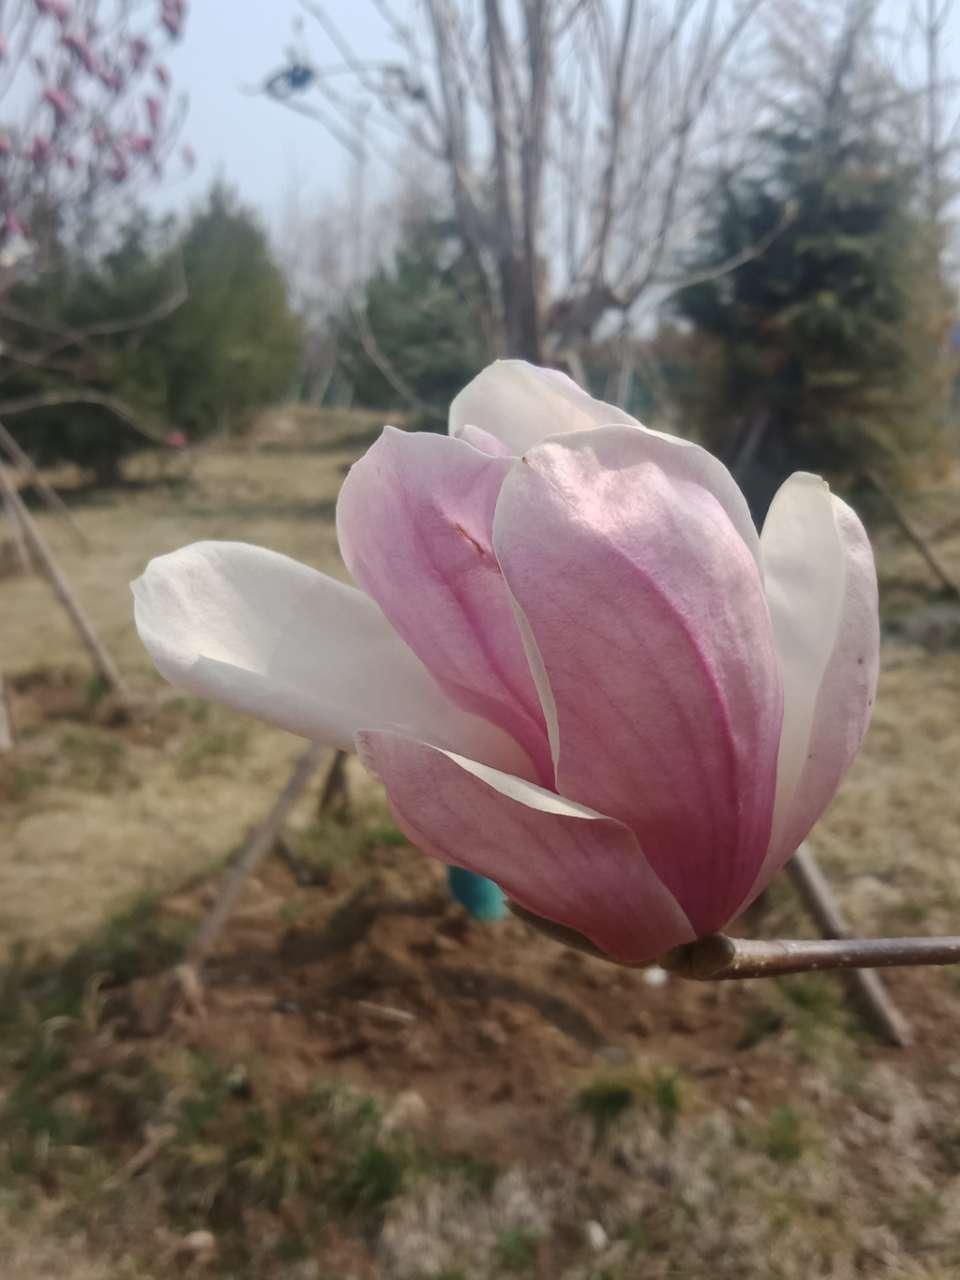 暗背景纯背景,亮花,占据画面突出位置,清晰,拍花的秘诀-11.jpg